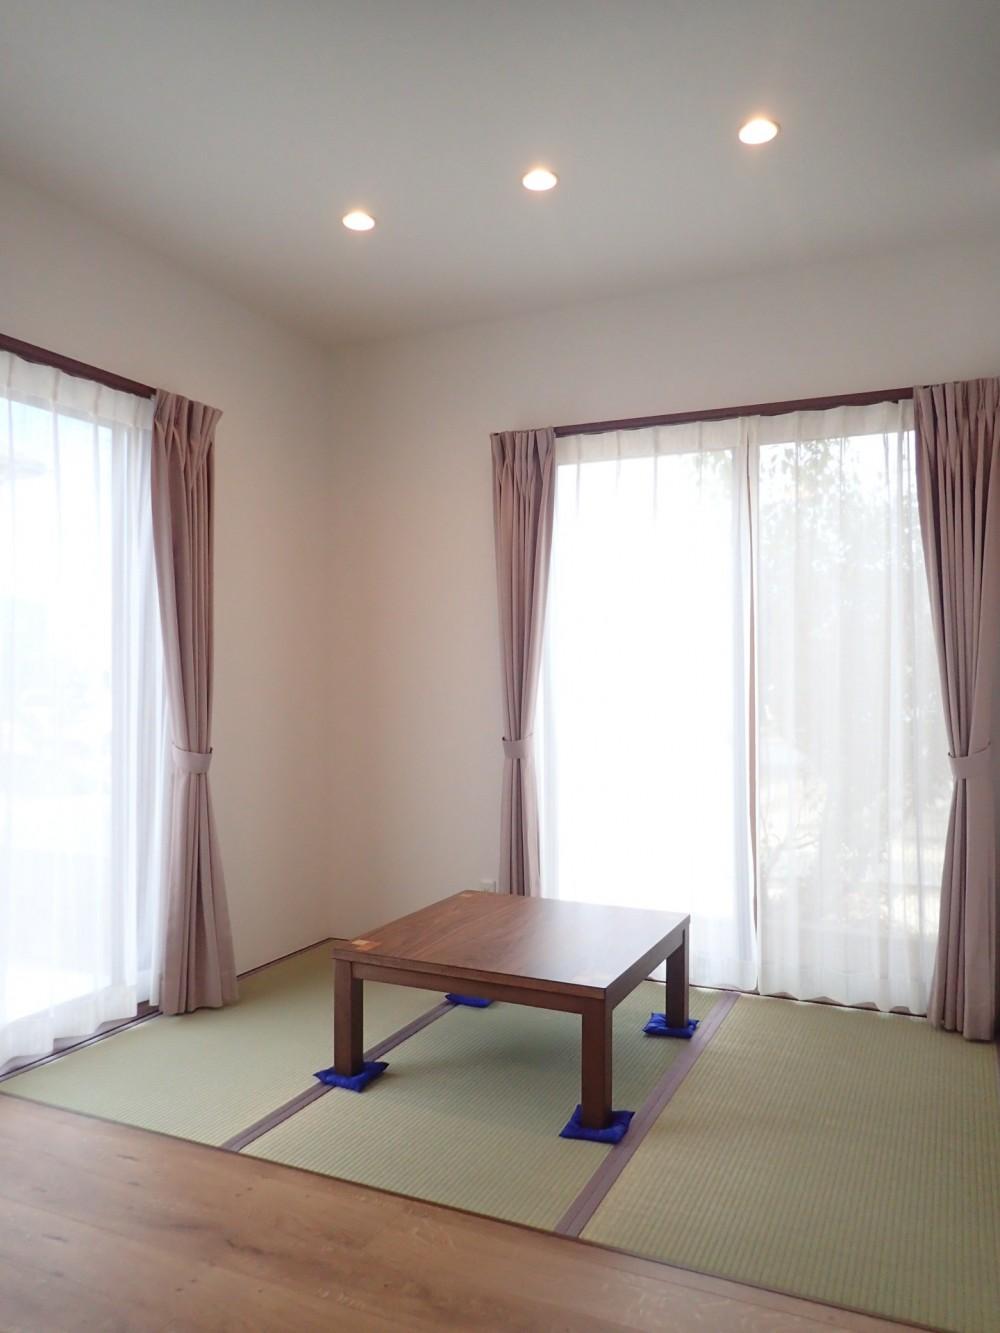 家族3世帯で暮らすみんなが住みやすい家 (畳コーナー)